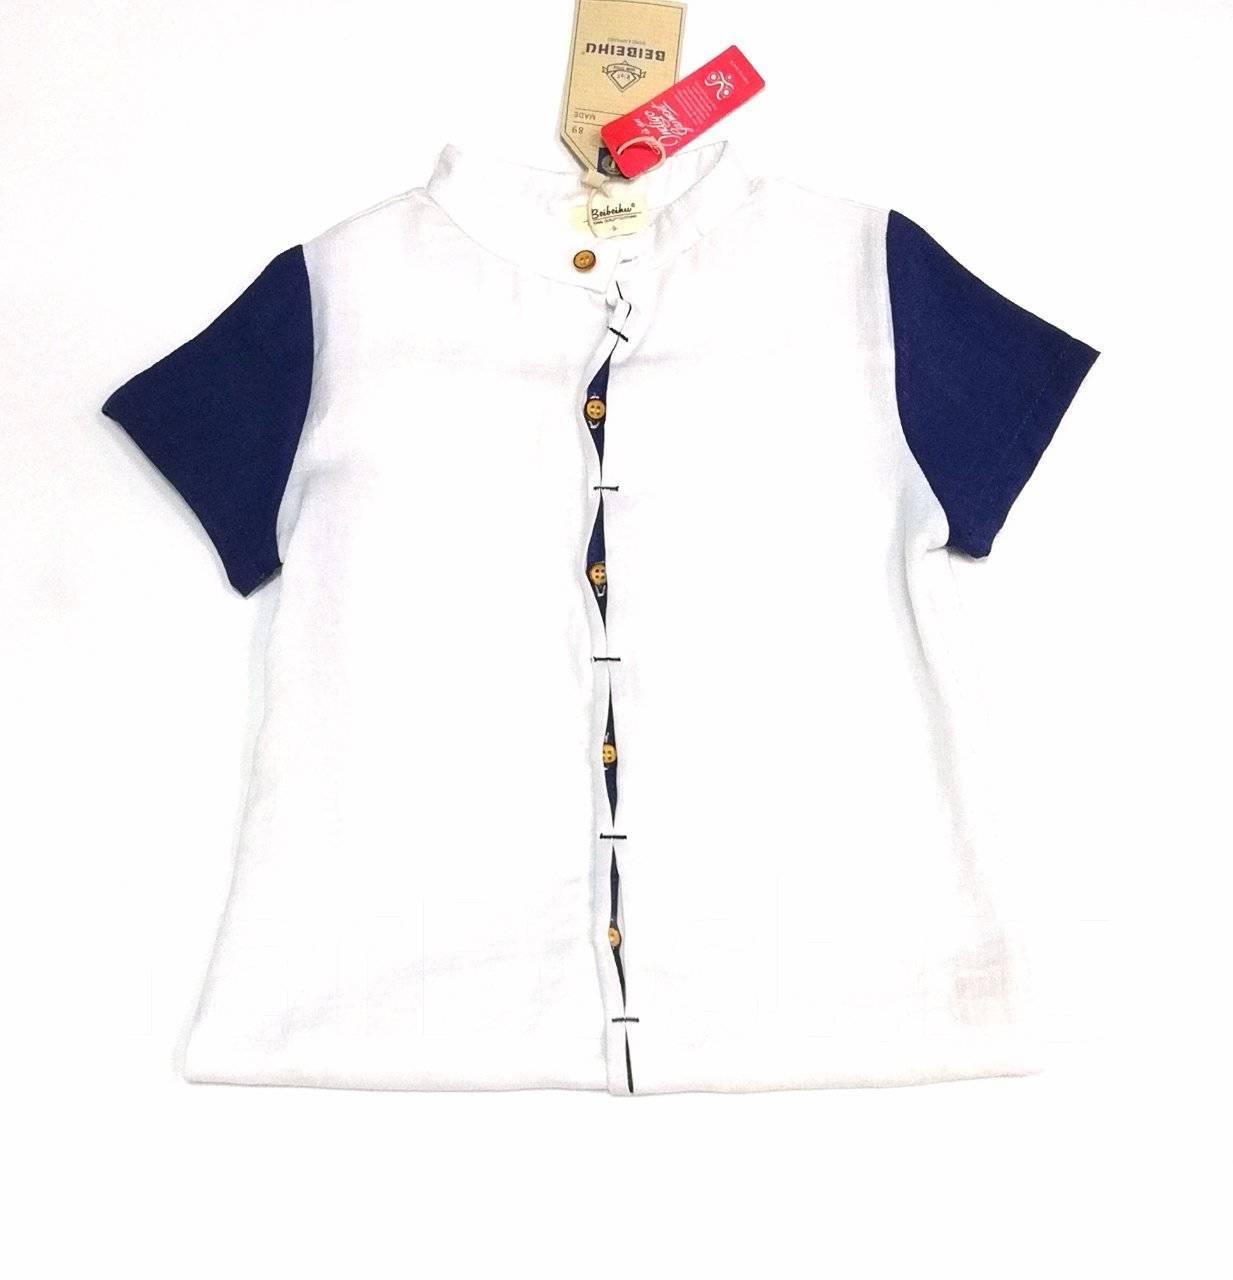 b1fe454382d Рубашки для мальчиков в Хабаровске - купить детскую одежду. Блузки ...